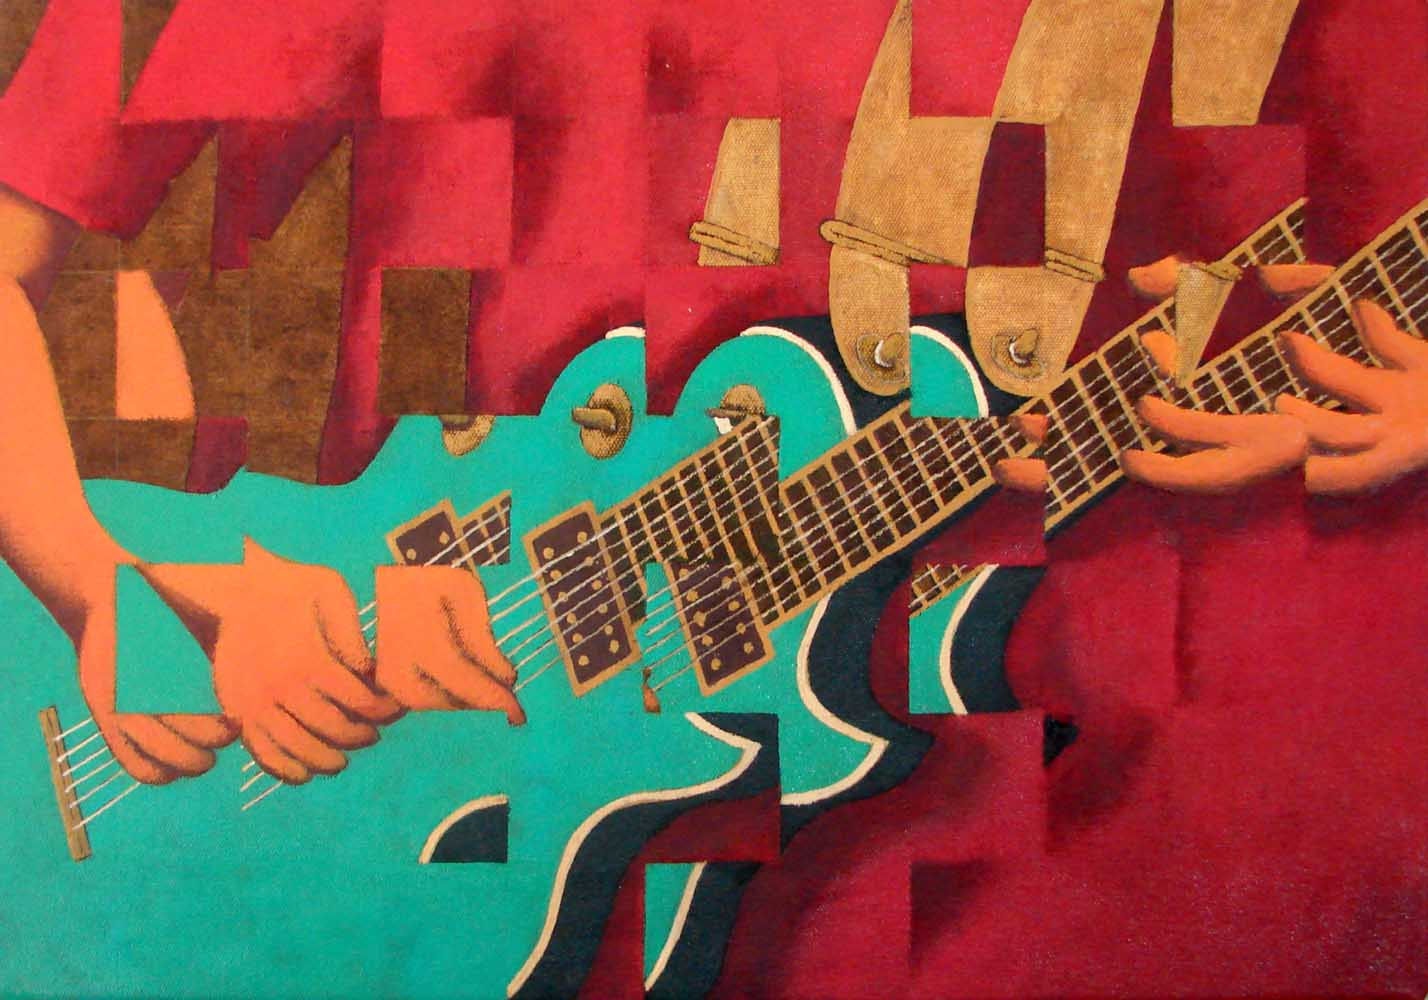 2015 Fragmentação Guitarra óleo s/lona 35x50cm